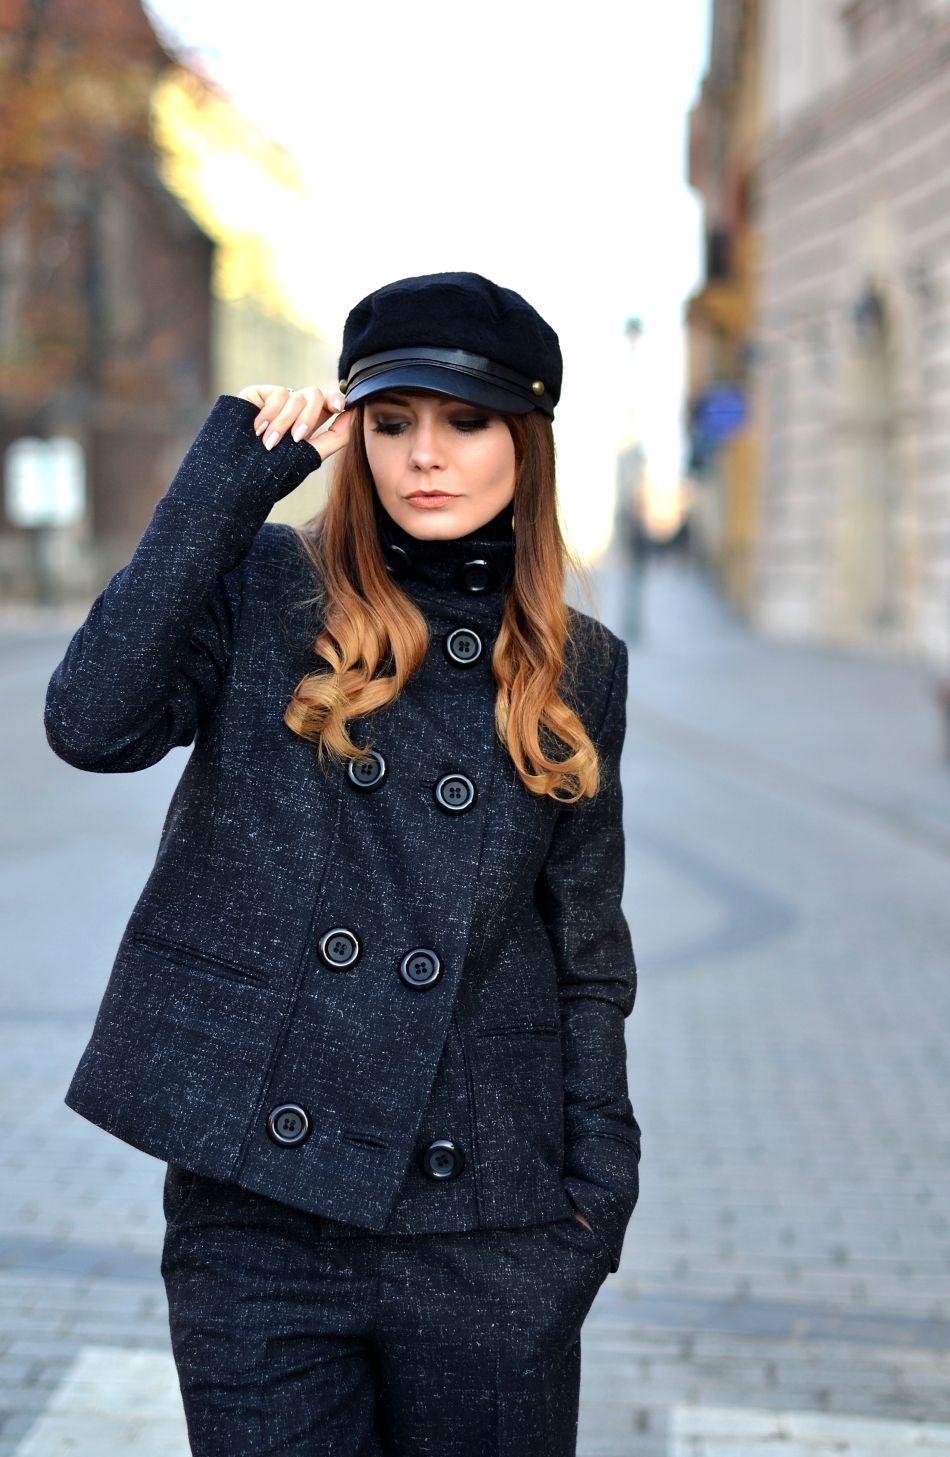 blogi o modzie | blog modowy | najlepszy blog modowy w polsce | blogerka modowa wspolpraca | blogerka z krakowa | outfit format marka | welniany plaszcz jesien zima 2015 | kaszkiet modny